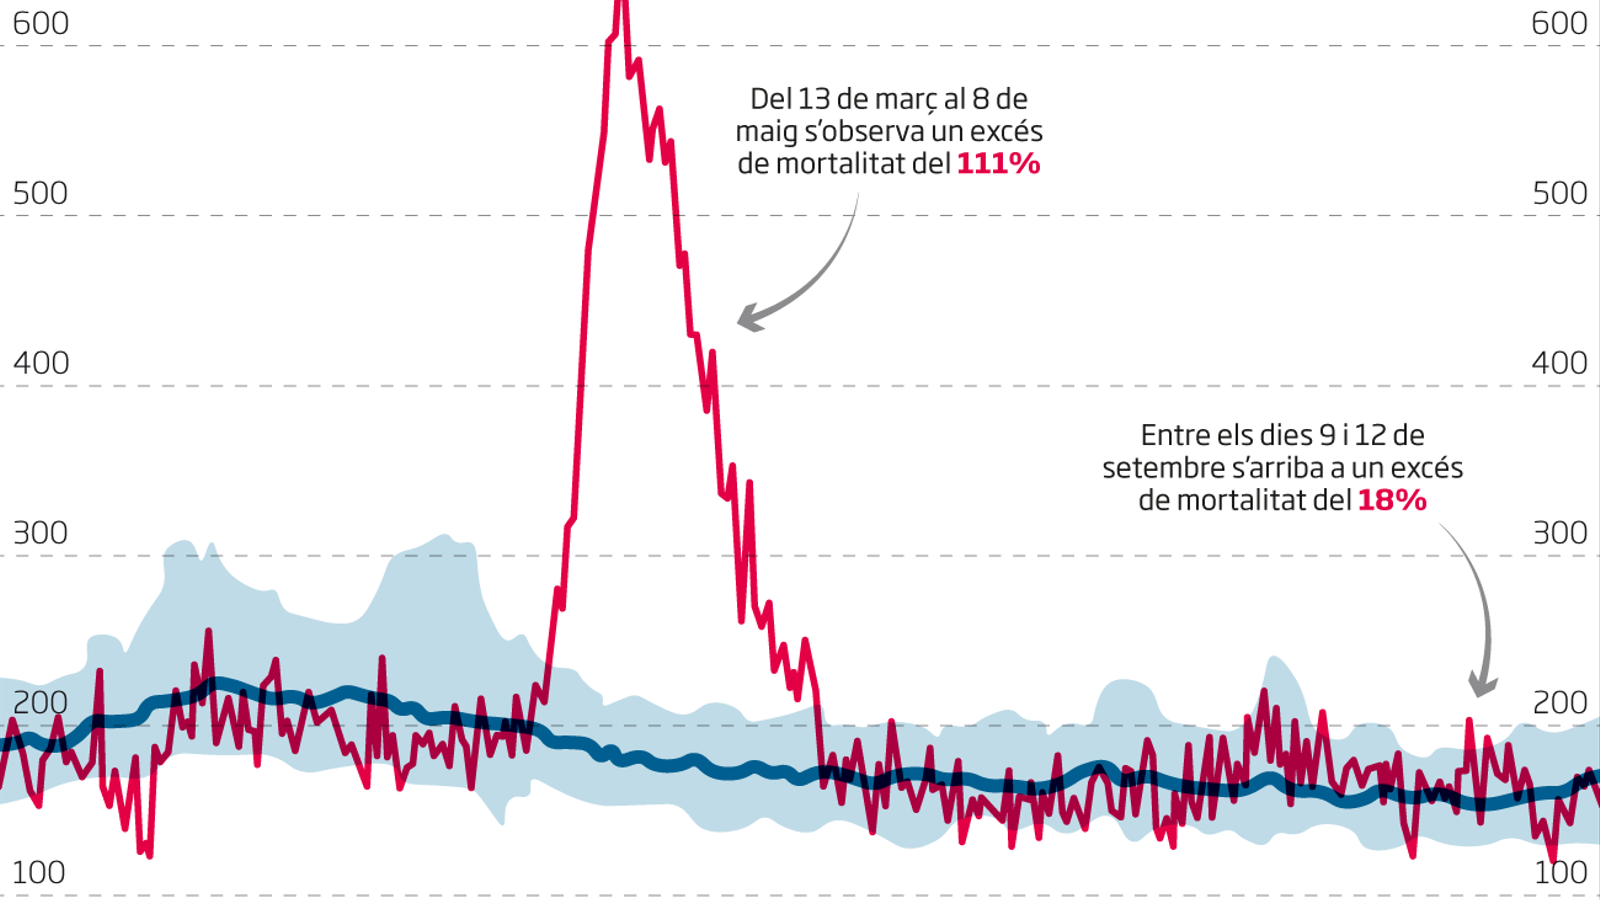 Catalunya pateix un segon pic d'excés de mortalitat al setembre